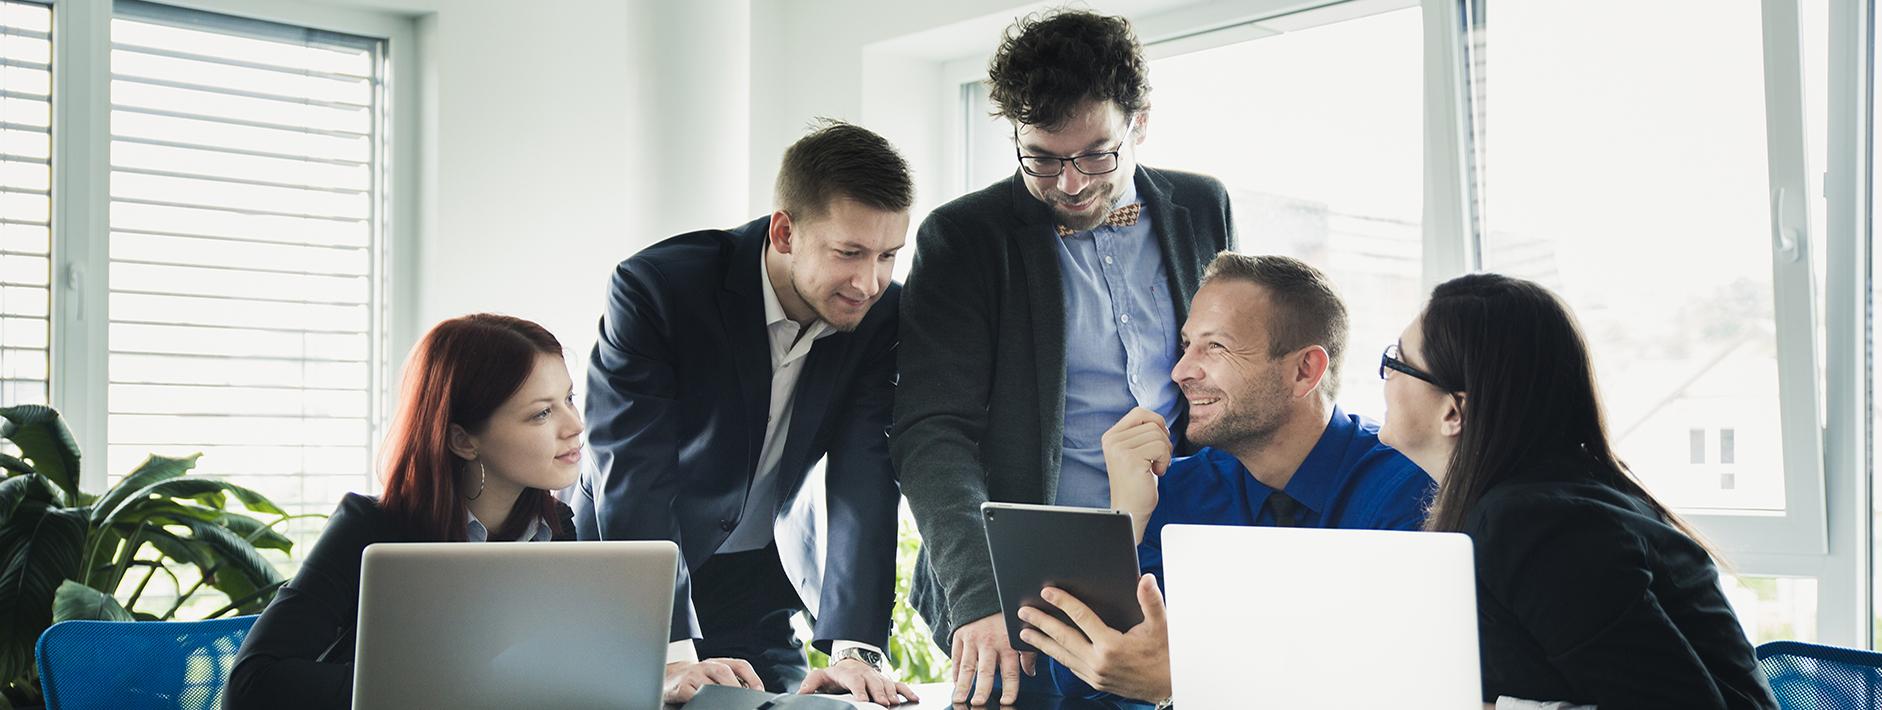 Cómo utilizar el coaching laboral para alcanzar los objetivos profesionales